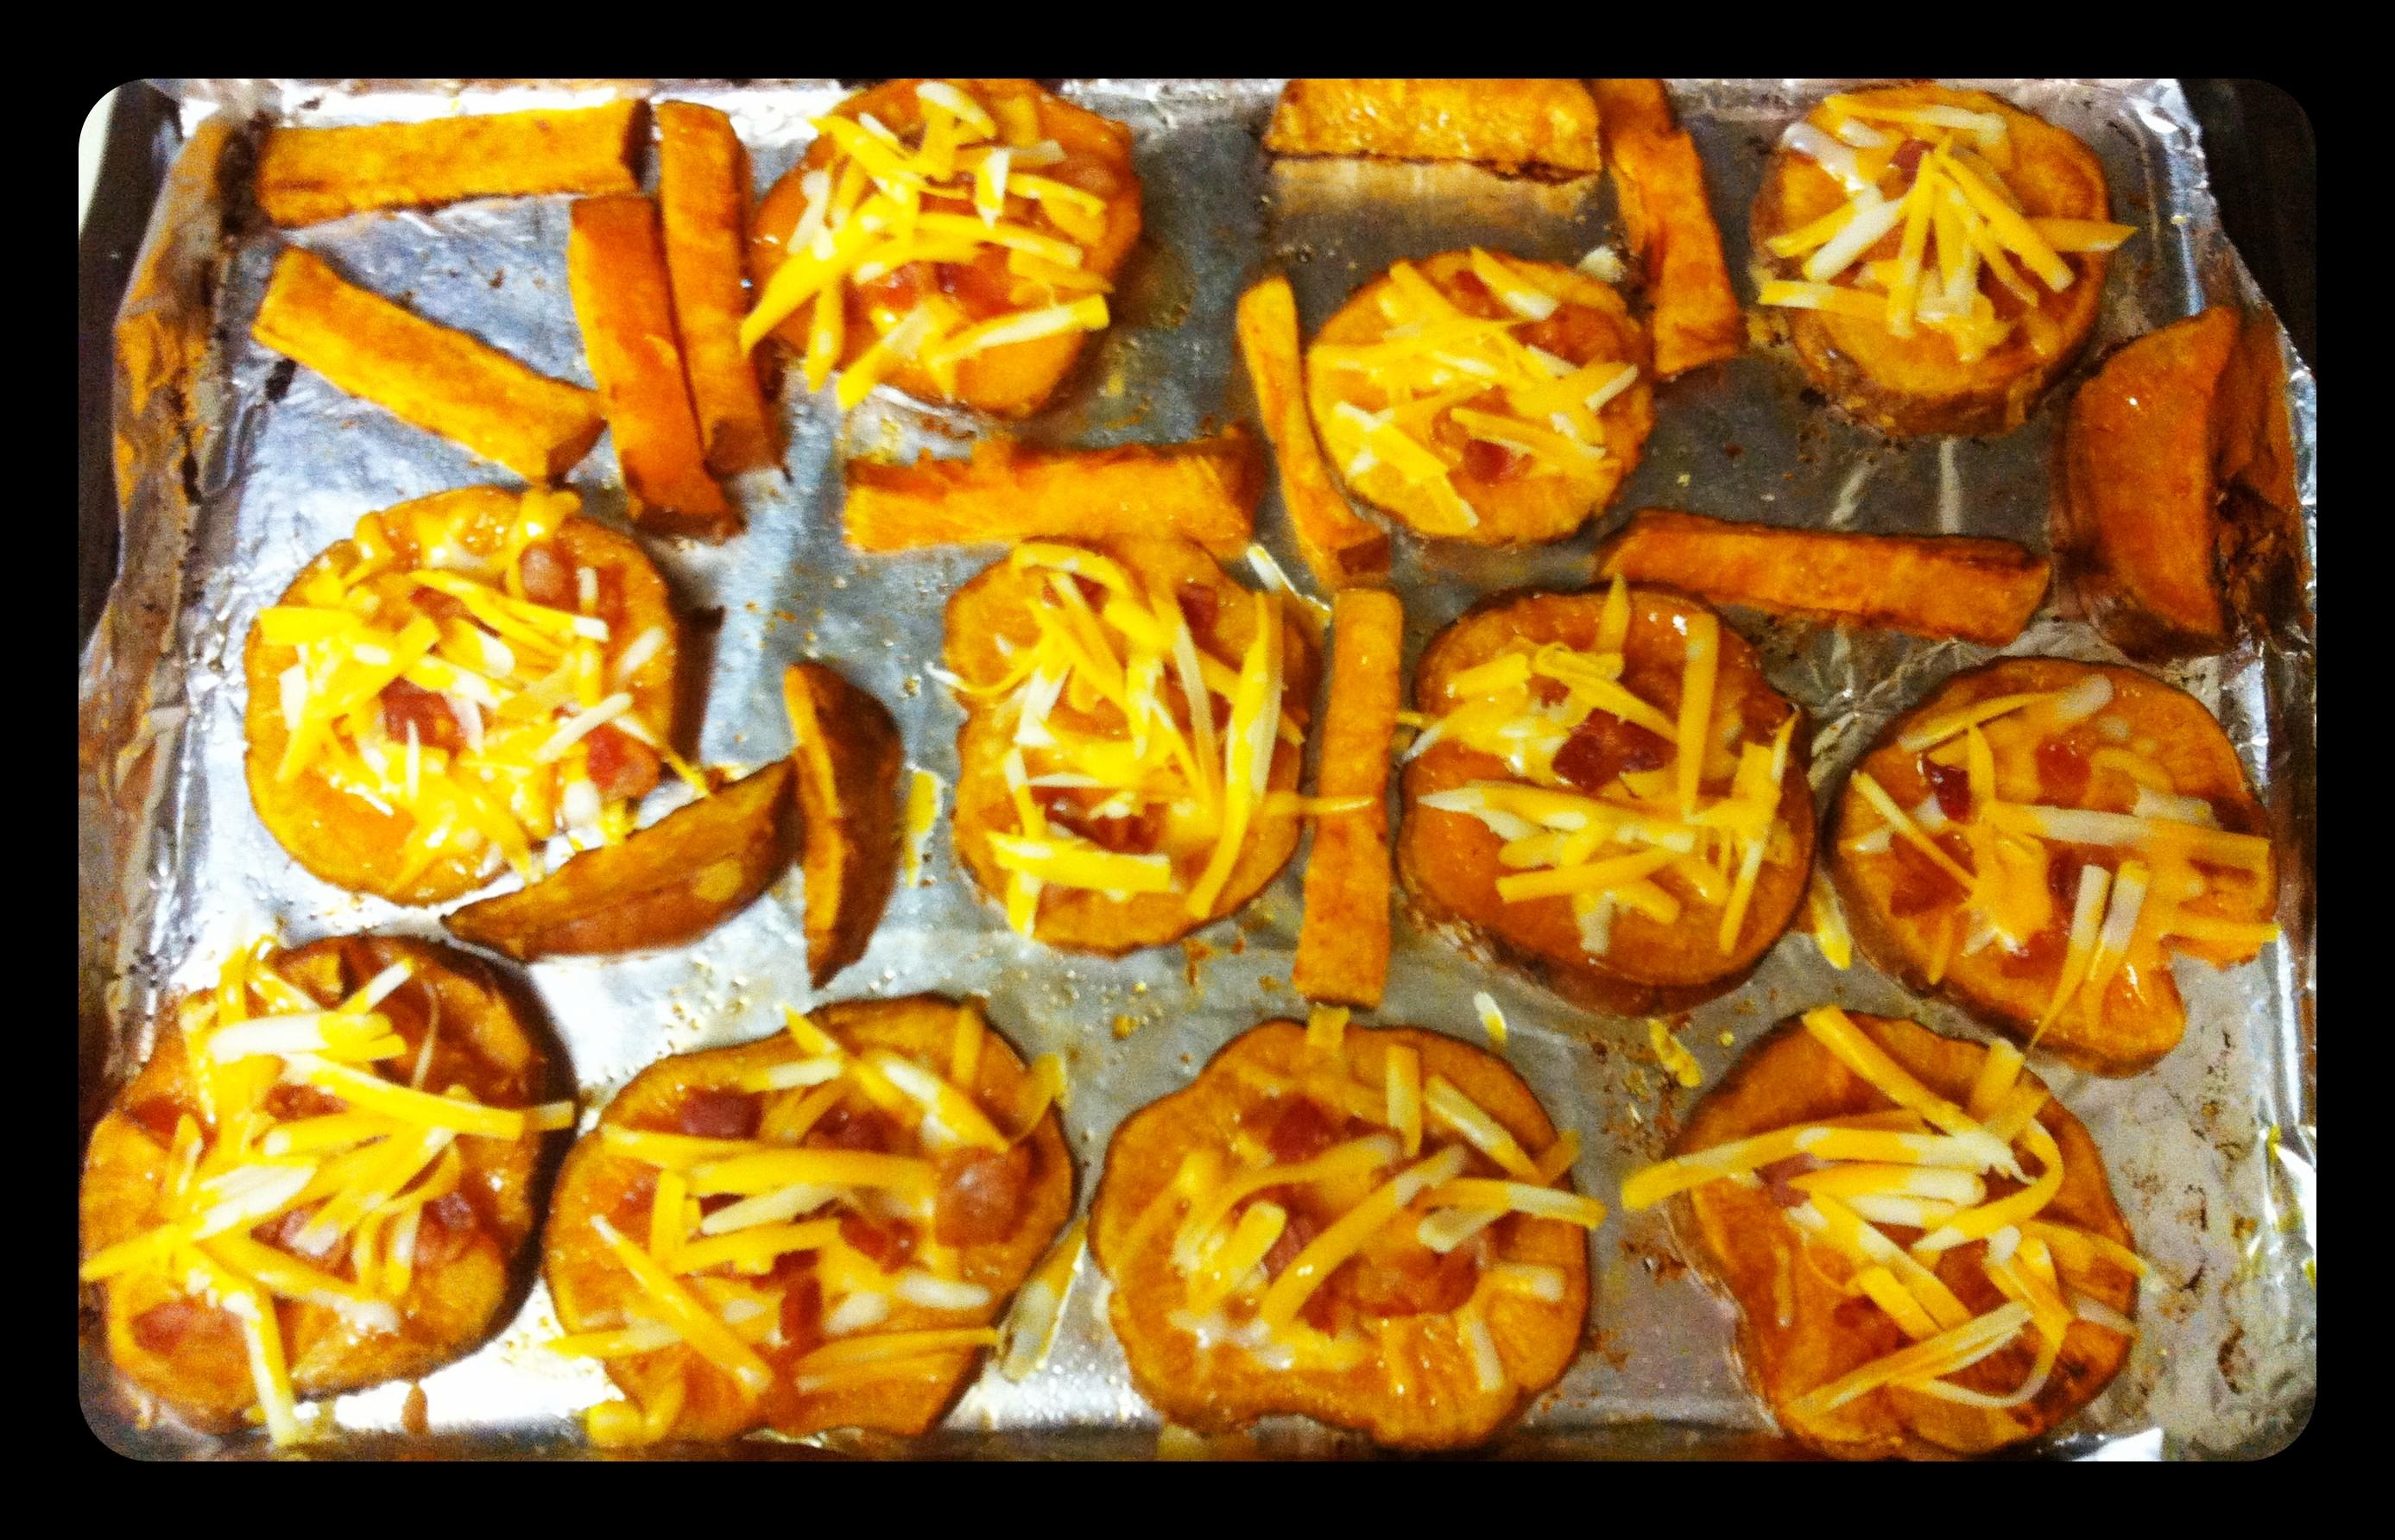 Pre- final bake